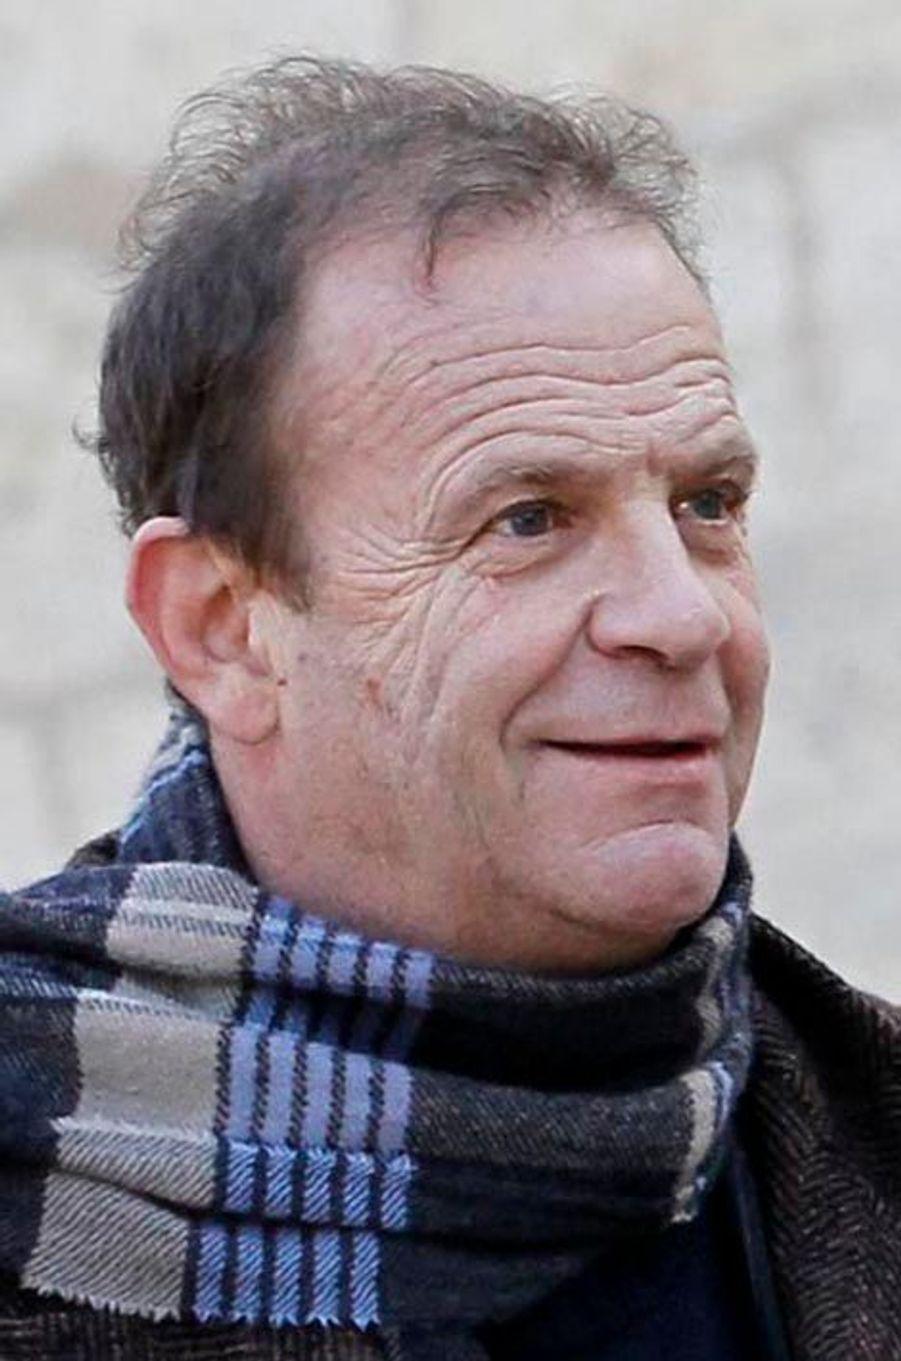 L'homme à l'origine de l'affaire. Il aurait bénéfi cié de plusieurs centaines de millions d'euros de donations de l'héritière de L'Oréal. Jusqu'à ce que la fi lle de Liliane Bettencourt l'attaque en justice.